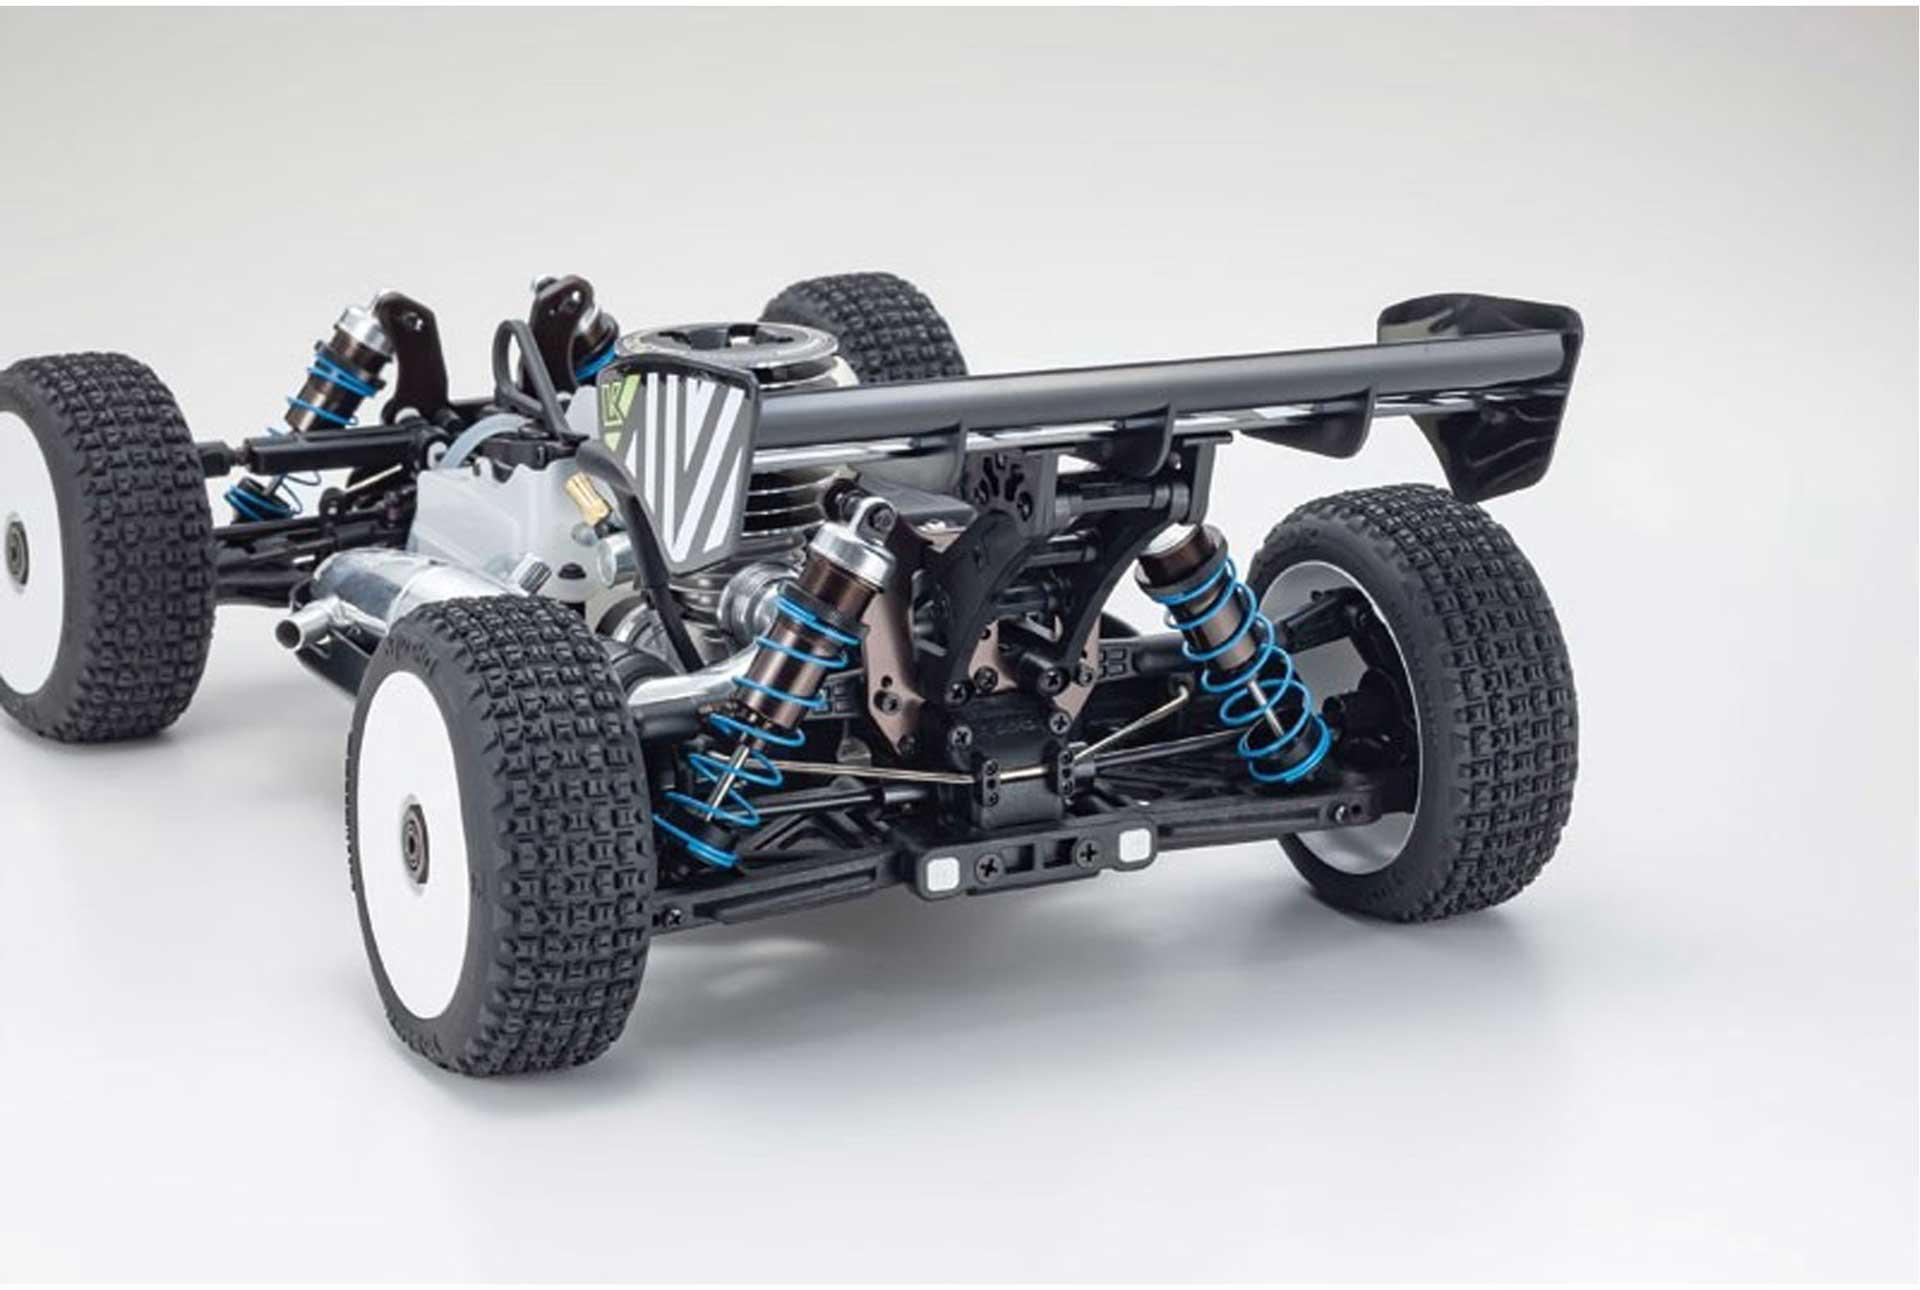 KYOSHO INFERNO MP9 TKI4 V2 1:8 RC NITRO READYSET W/KE21SP MOTOR